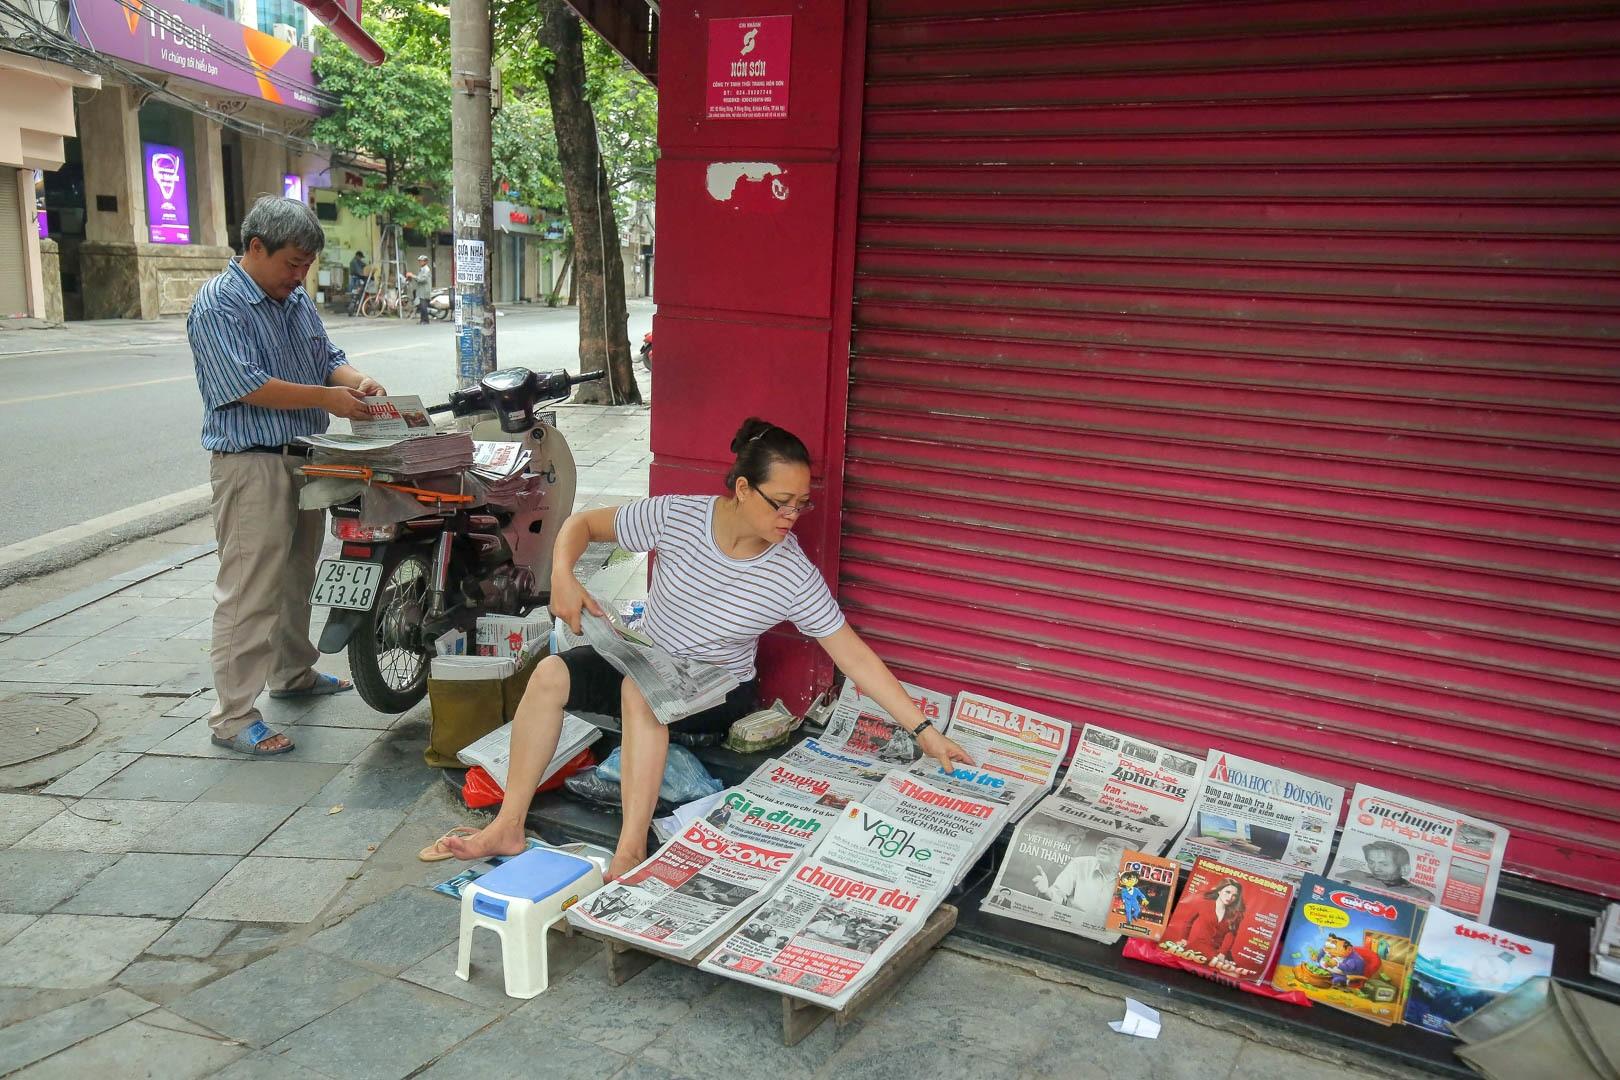 Những người phát hành báo giấy còn sót lại giữa thời đại 4.0 - 17